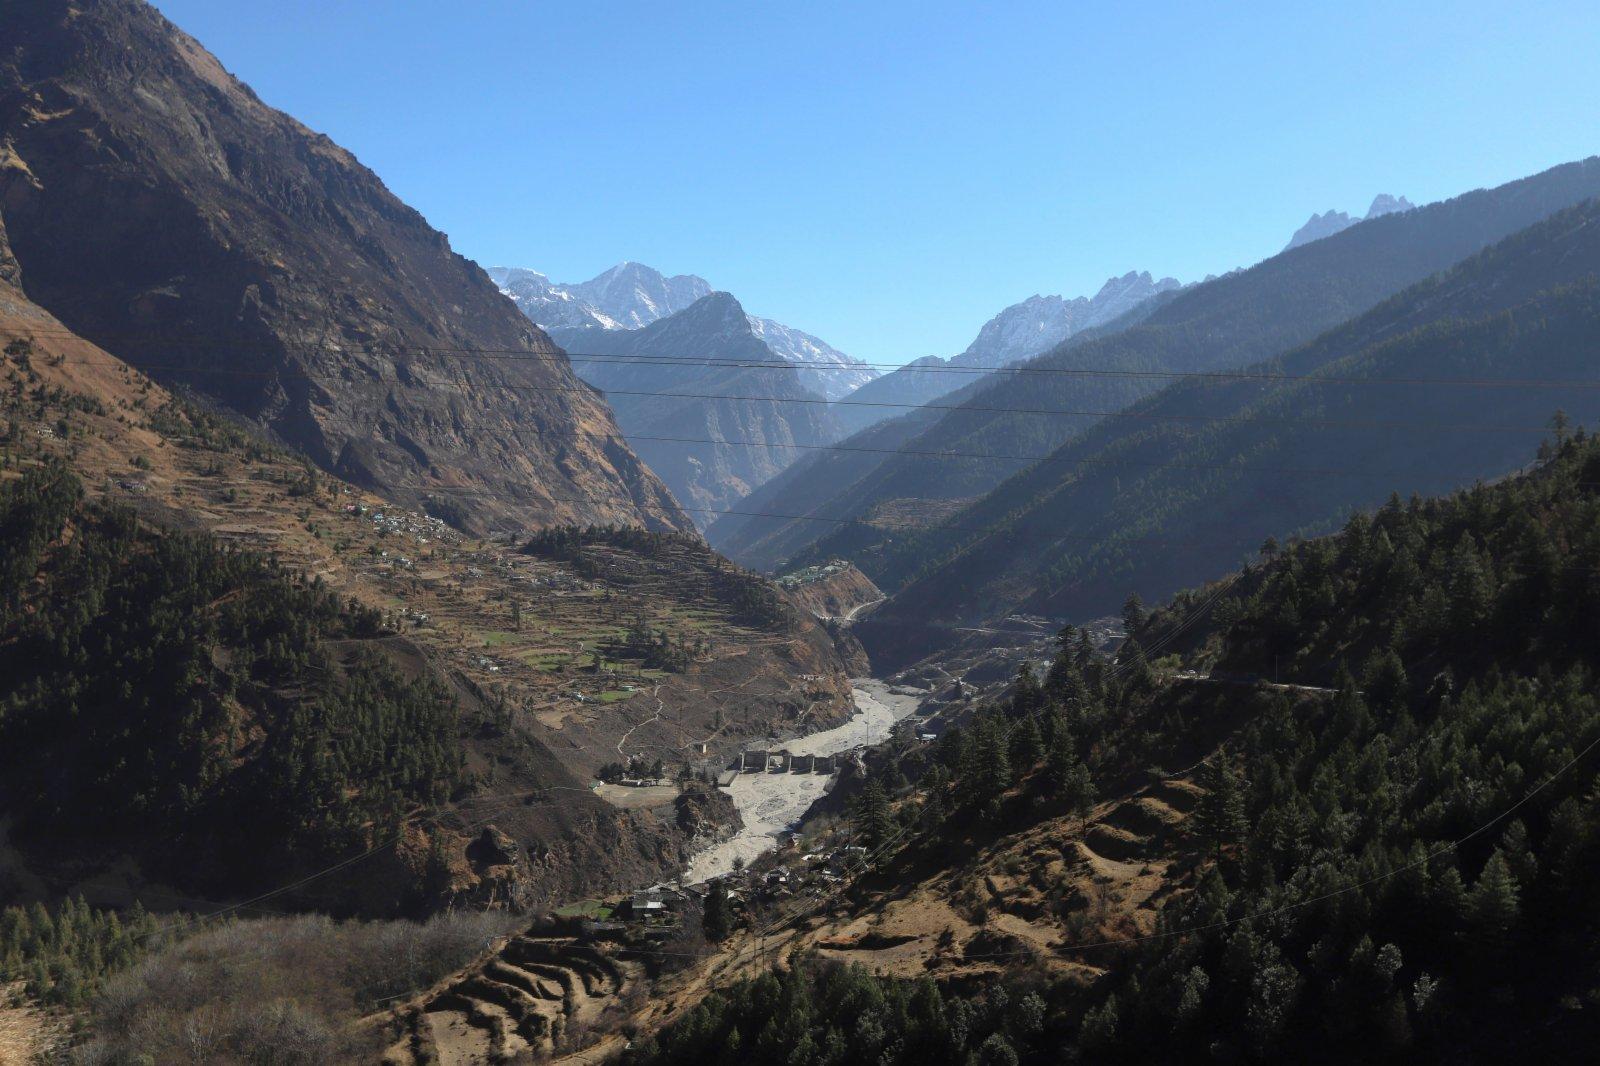 這是2月8日在印度北阿肯德邦傑莫利地區拍攝的被毀的水壩。